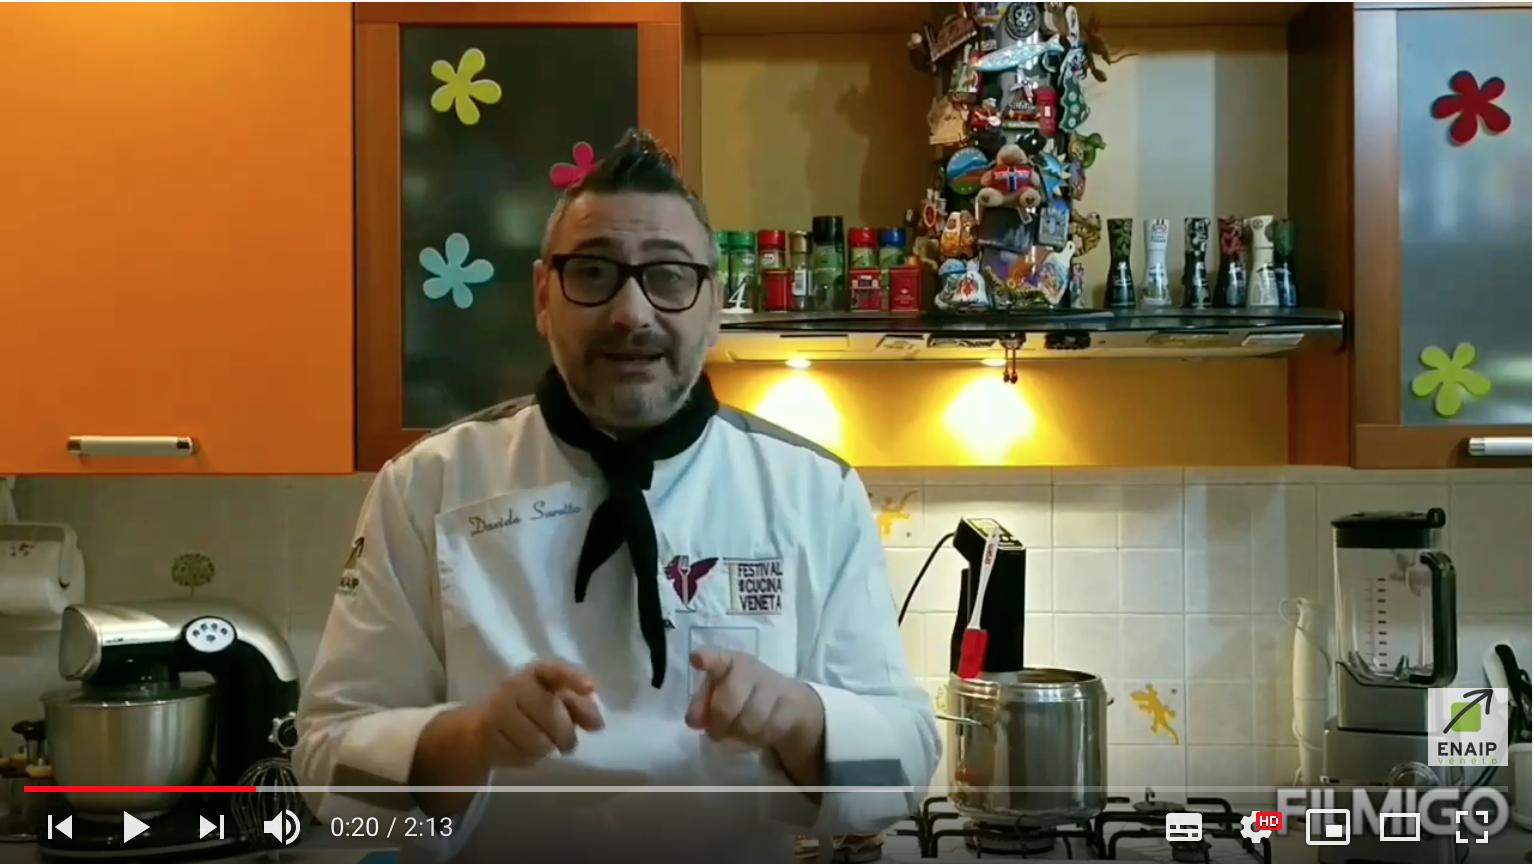 ENAIP TV – La play list più nuova, simpatica e utile del WEB!